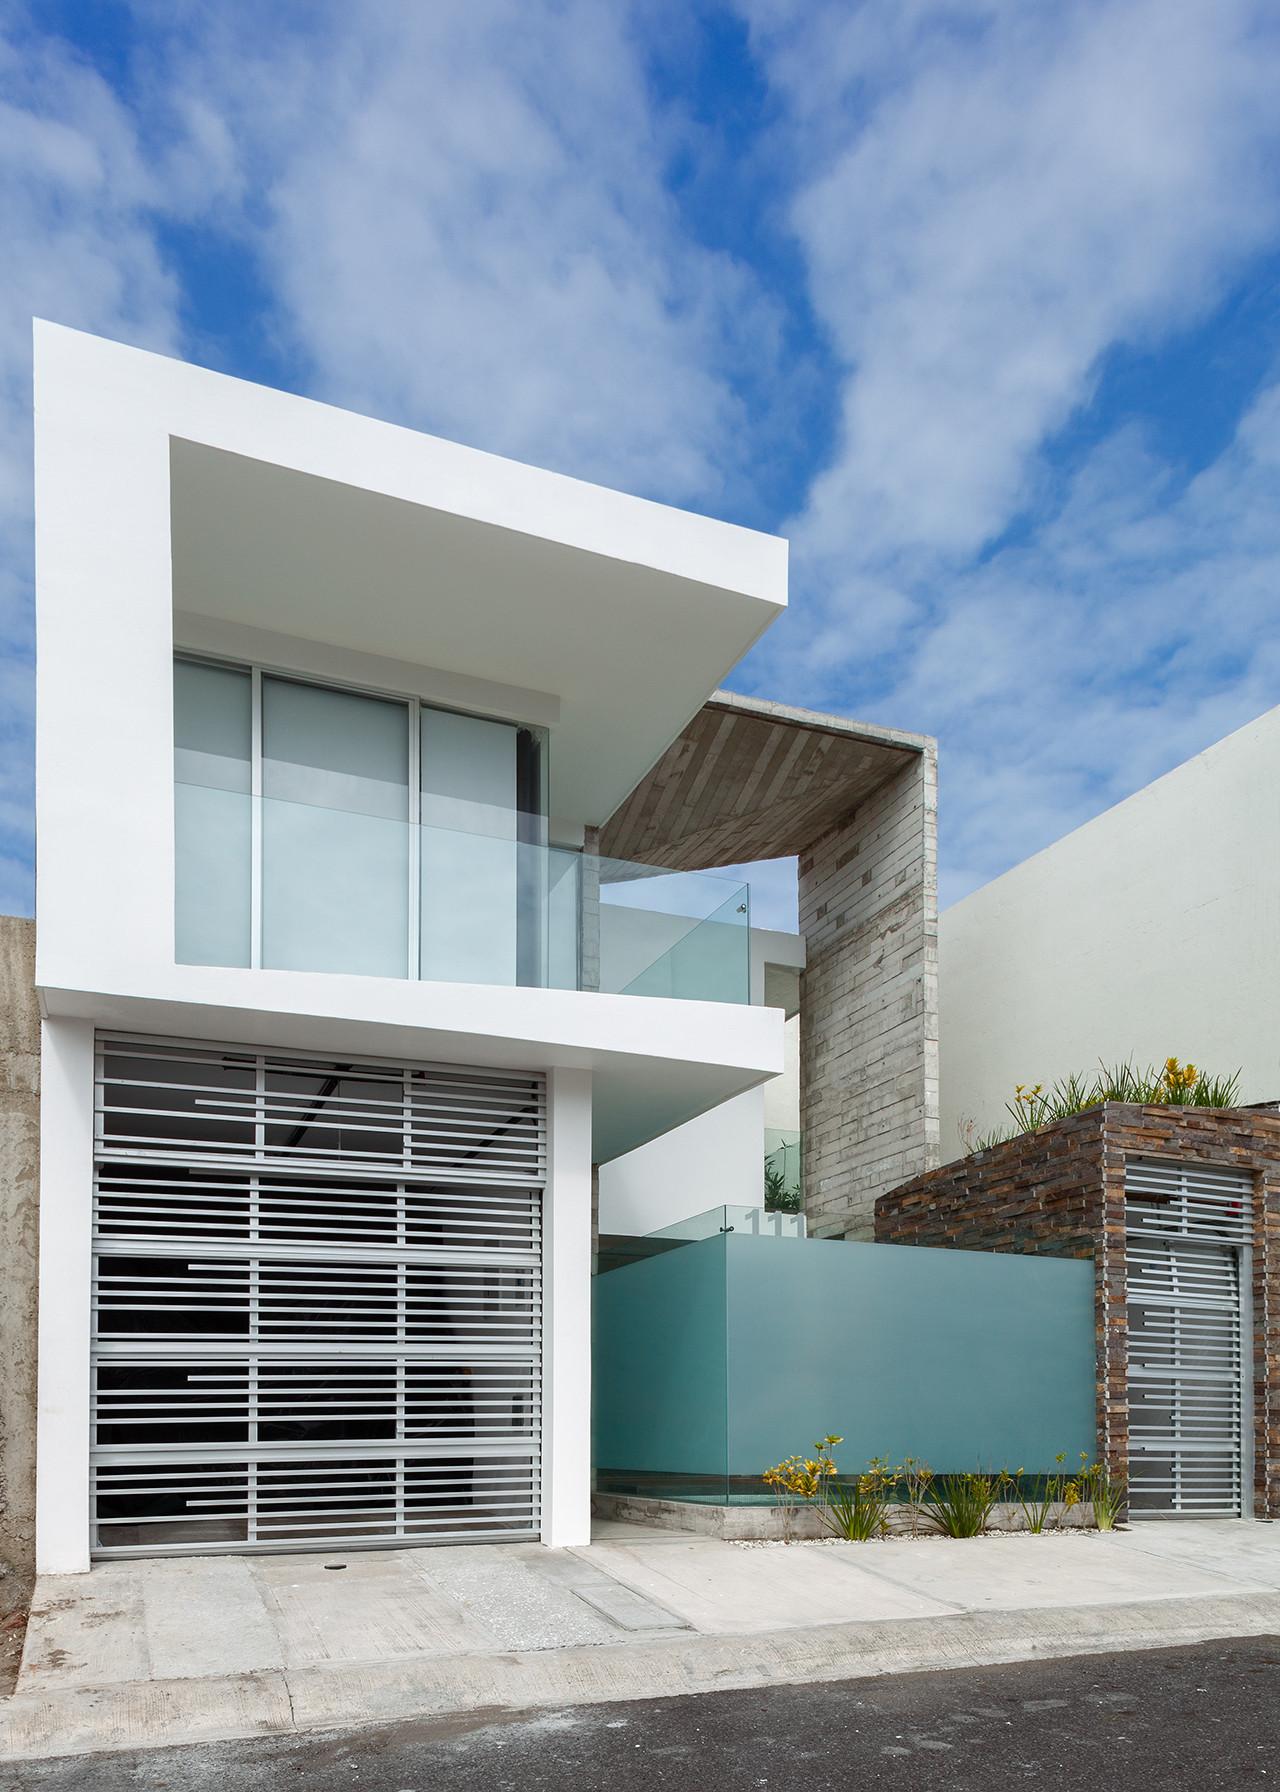 Casa aedes taller adc plataforma arquitectura for Casa minimalista 300m2